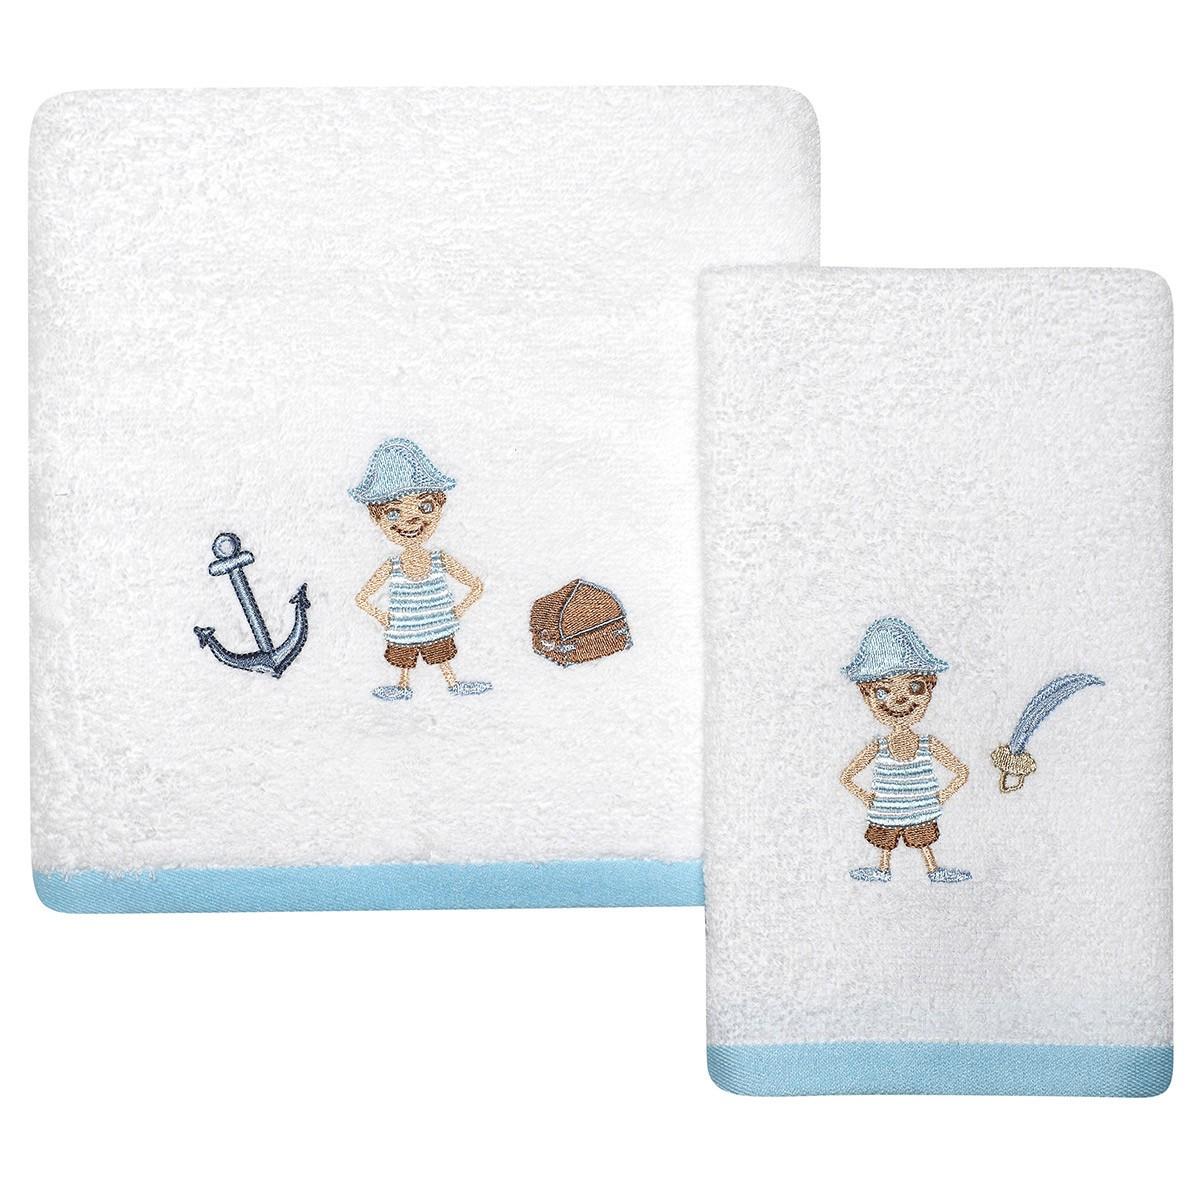 Βρεφικές Πετσέτες (Σετ 2τμχ) Das Home Fun Prints 6454